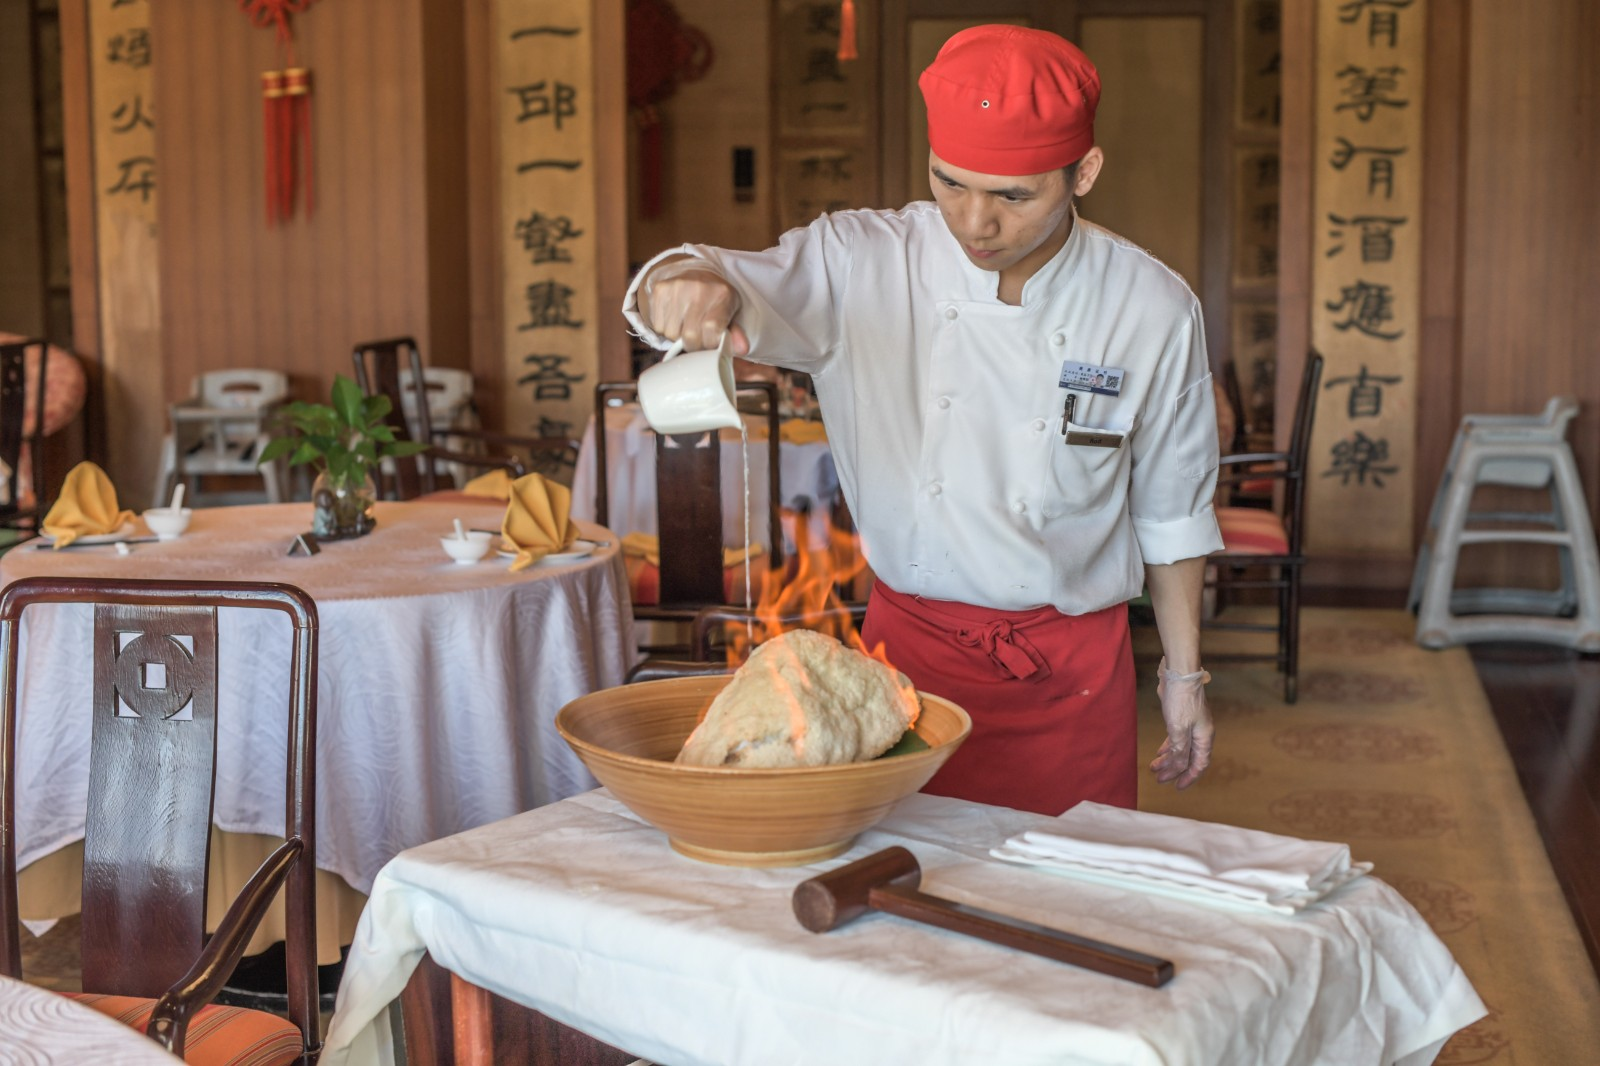 在三亚可吃到正宗粤菜,这是为何?有一定的历史原因